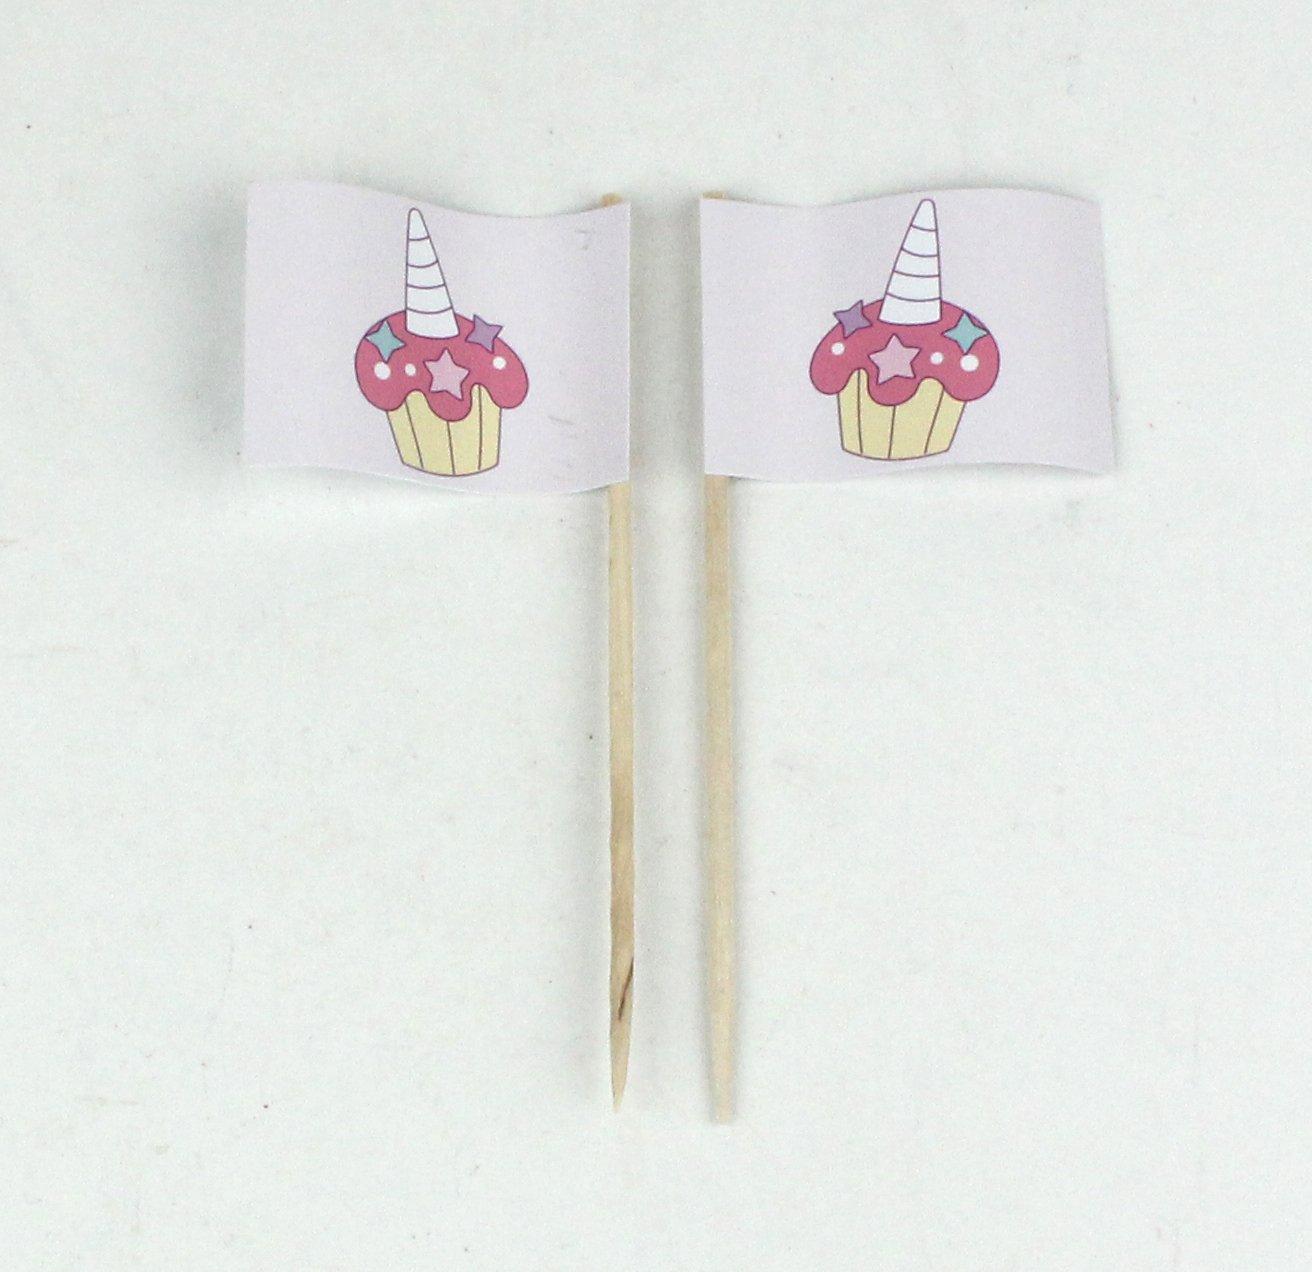 Buddel-Bini Party-Picker Flagge Cupcake Muffin Einhorn Shower Kindergeburtstag Papierfähnchen in Profiqualität 50 Stück Beutel Offsetdruck Riesenauswahl aus Eigener Herstellung